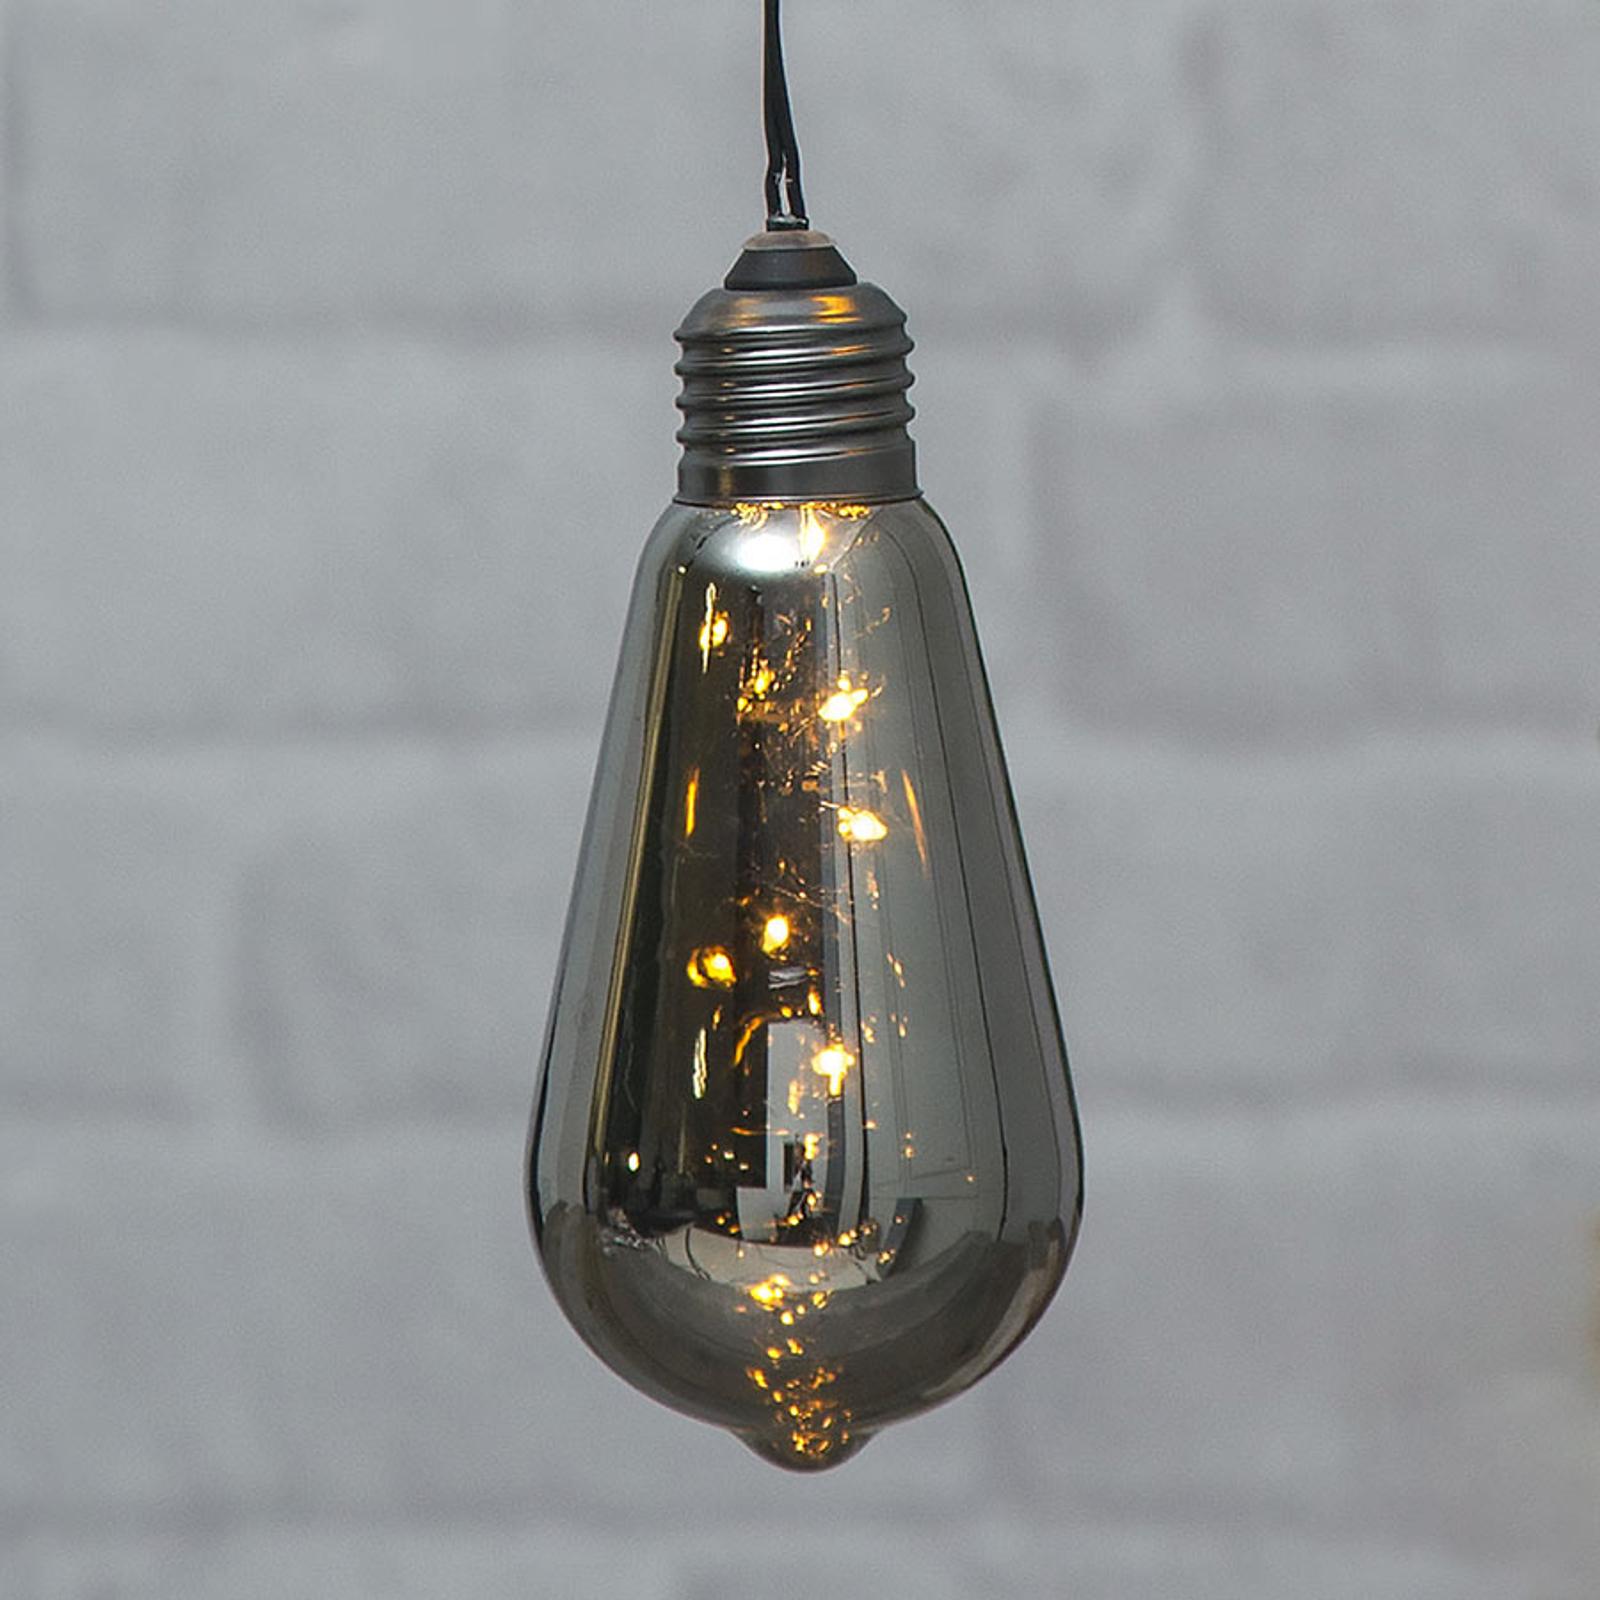 Vintage LED-dekobelysning Glow med timer, røyk